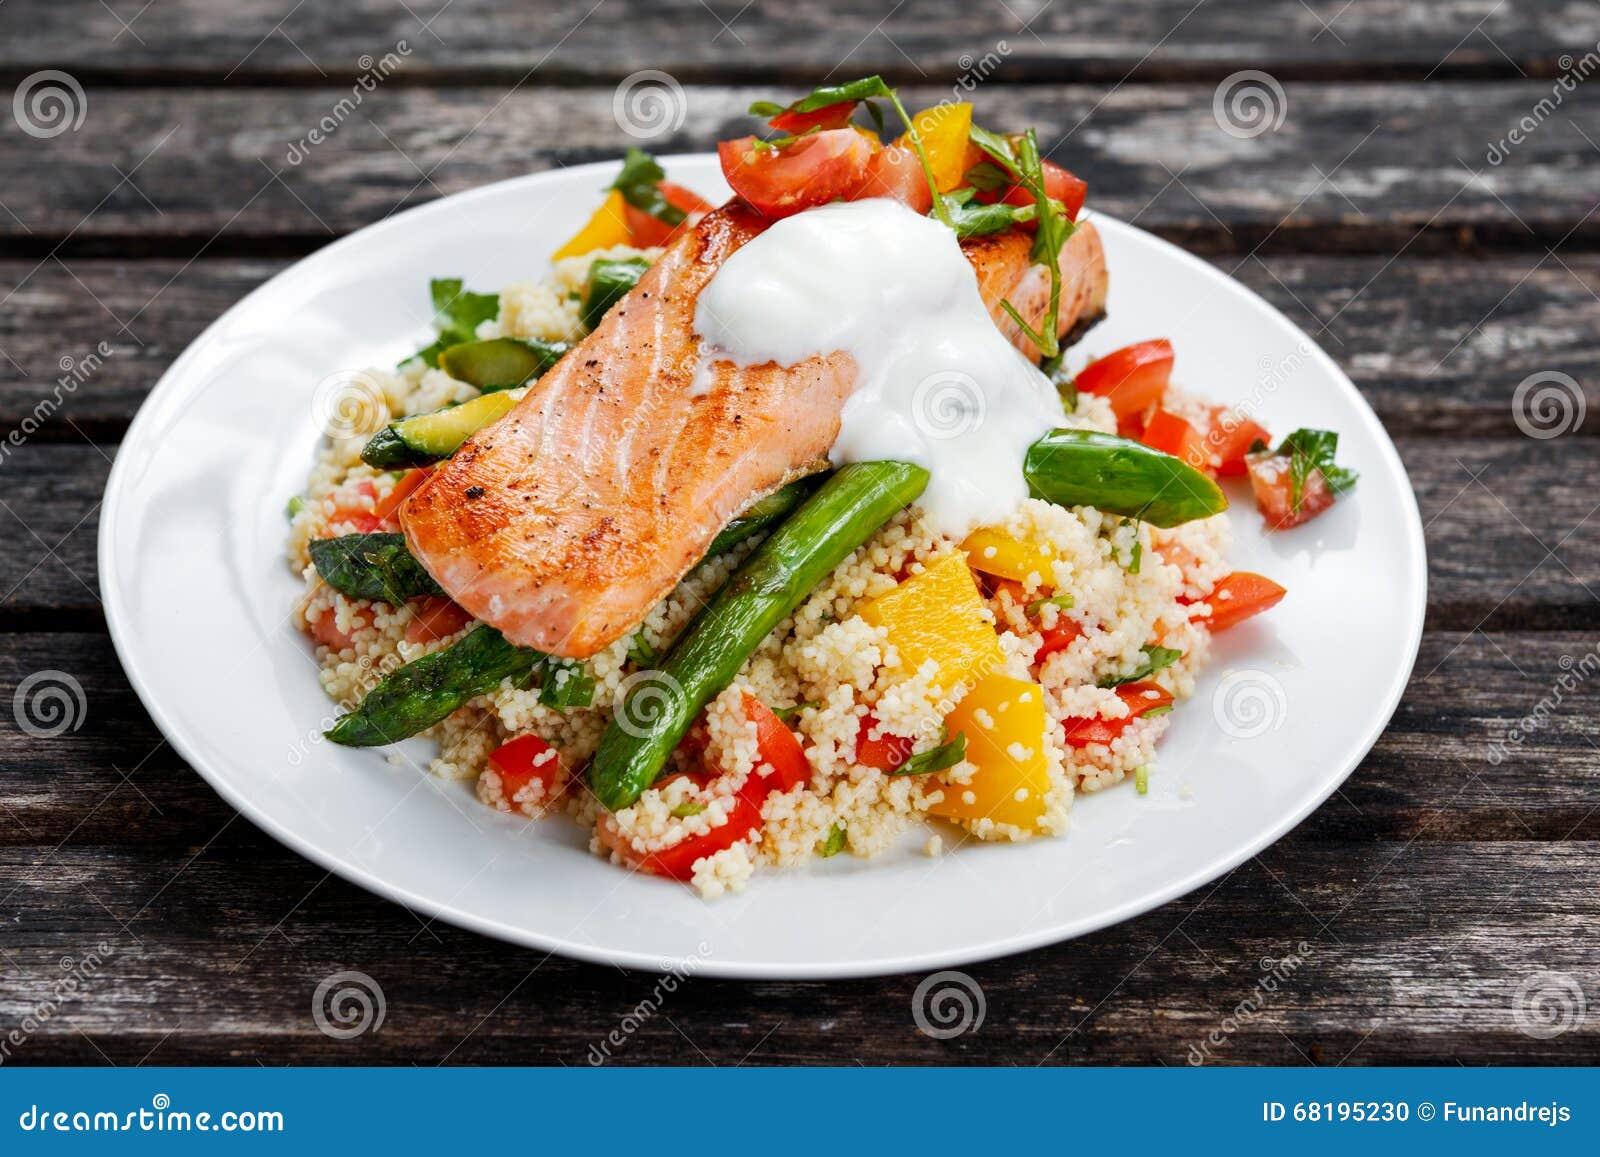 Niecka smażył łososia z czułym asparagusem, couscous i warzywami,